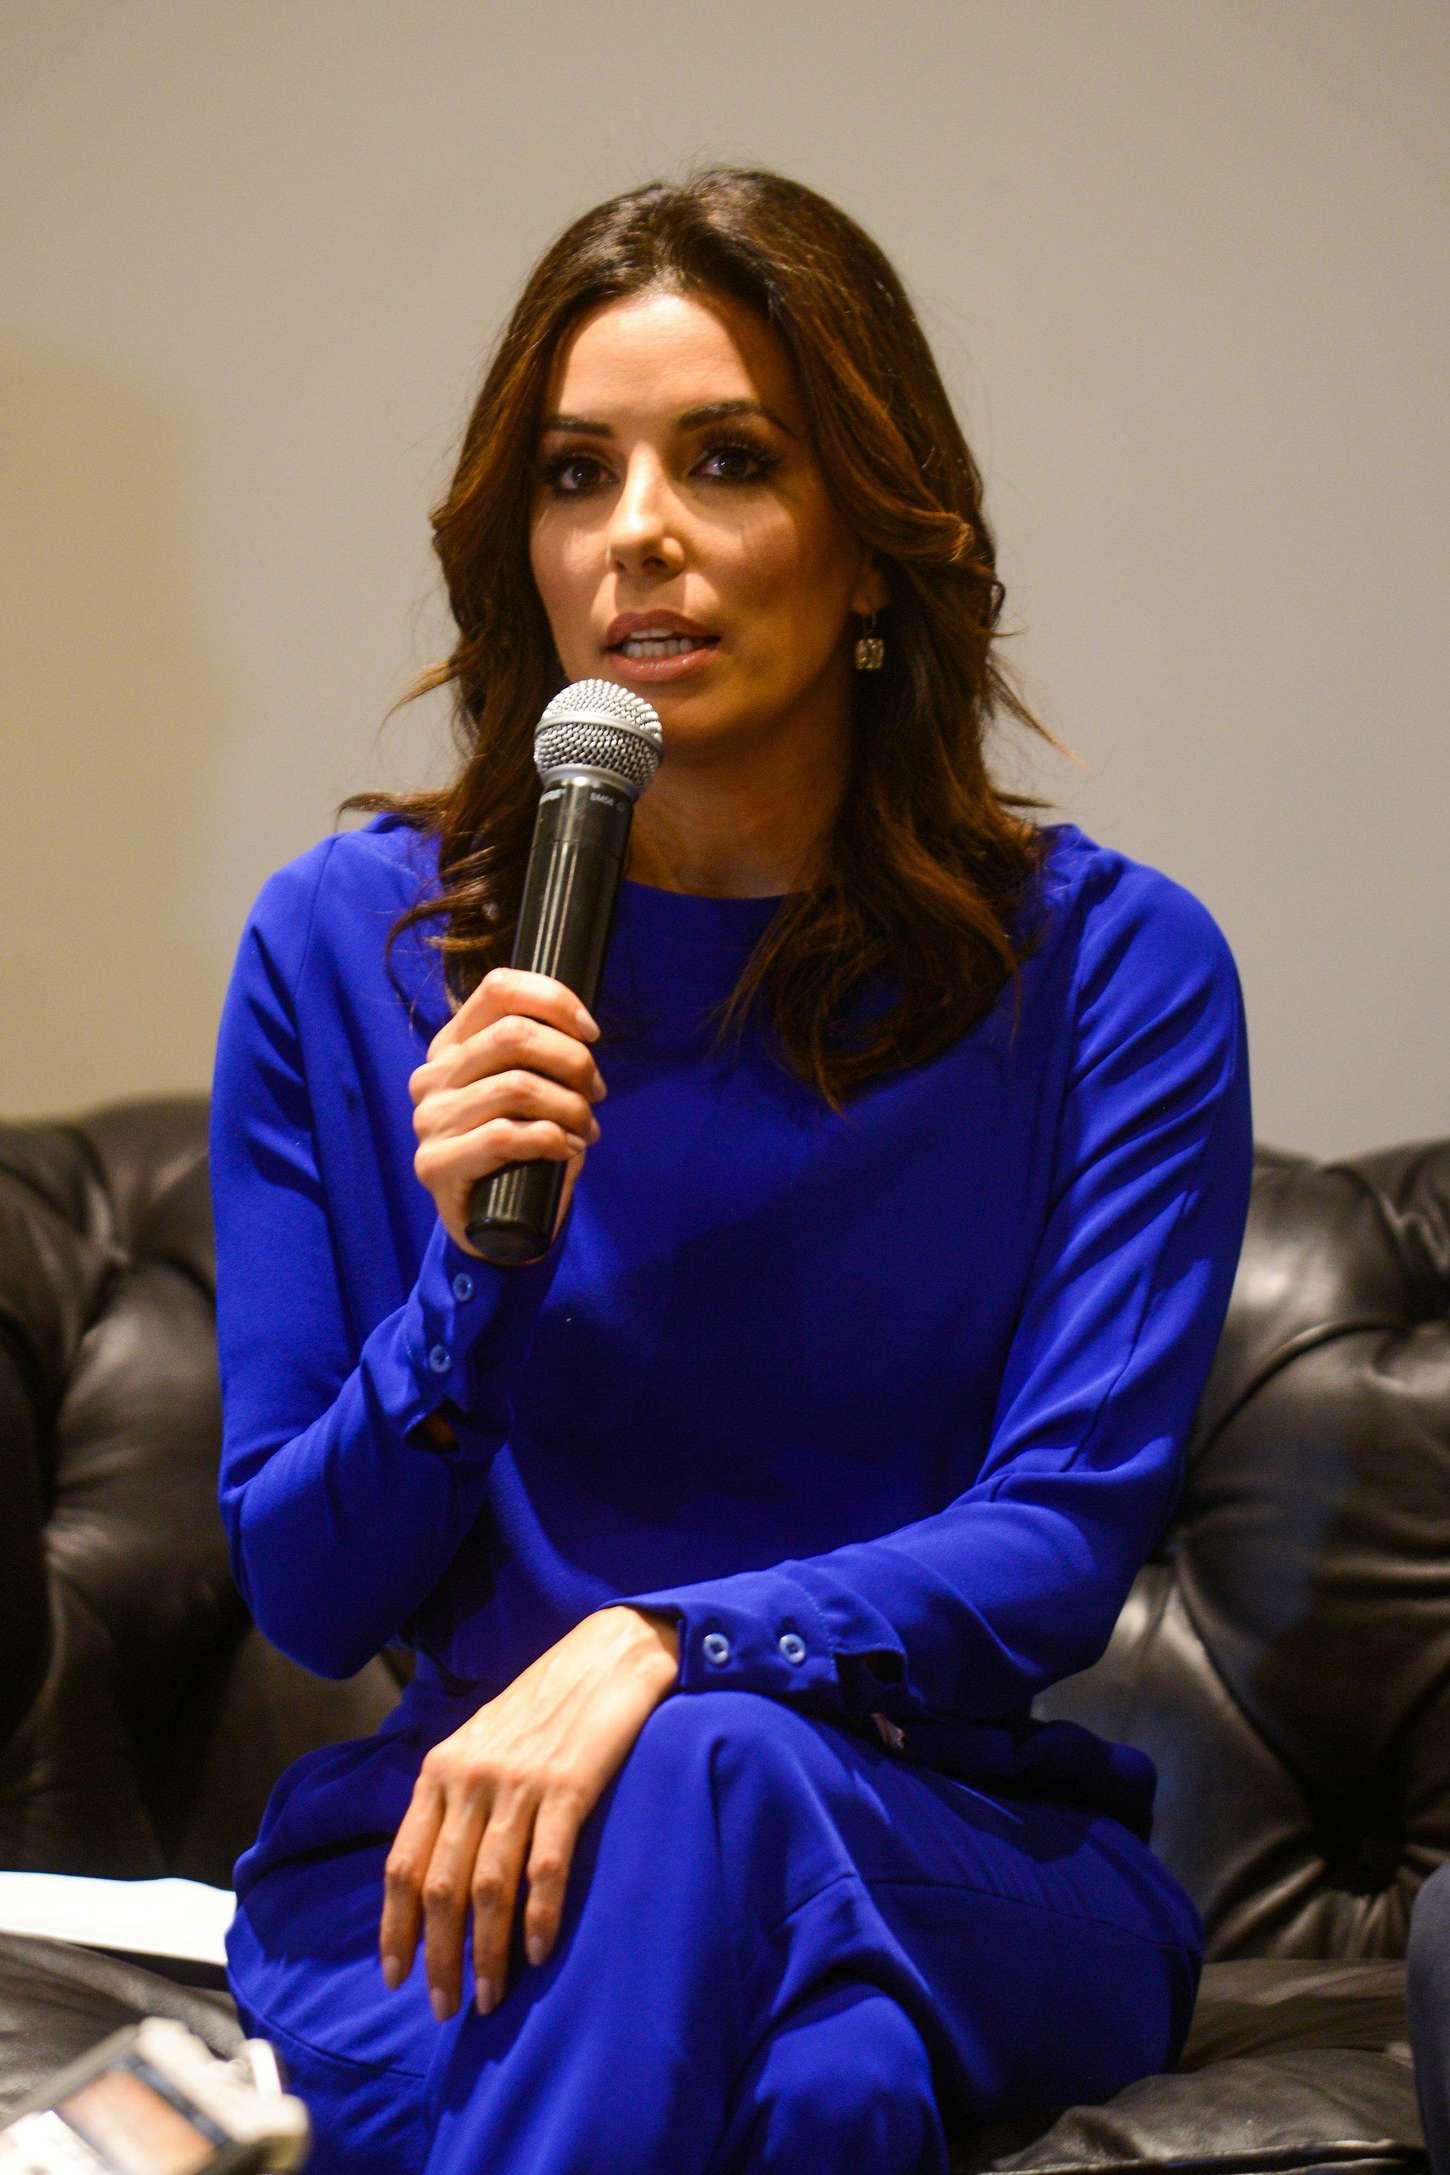 Eva Longoria 2014 : Eva Longoria out in Dubai -02